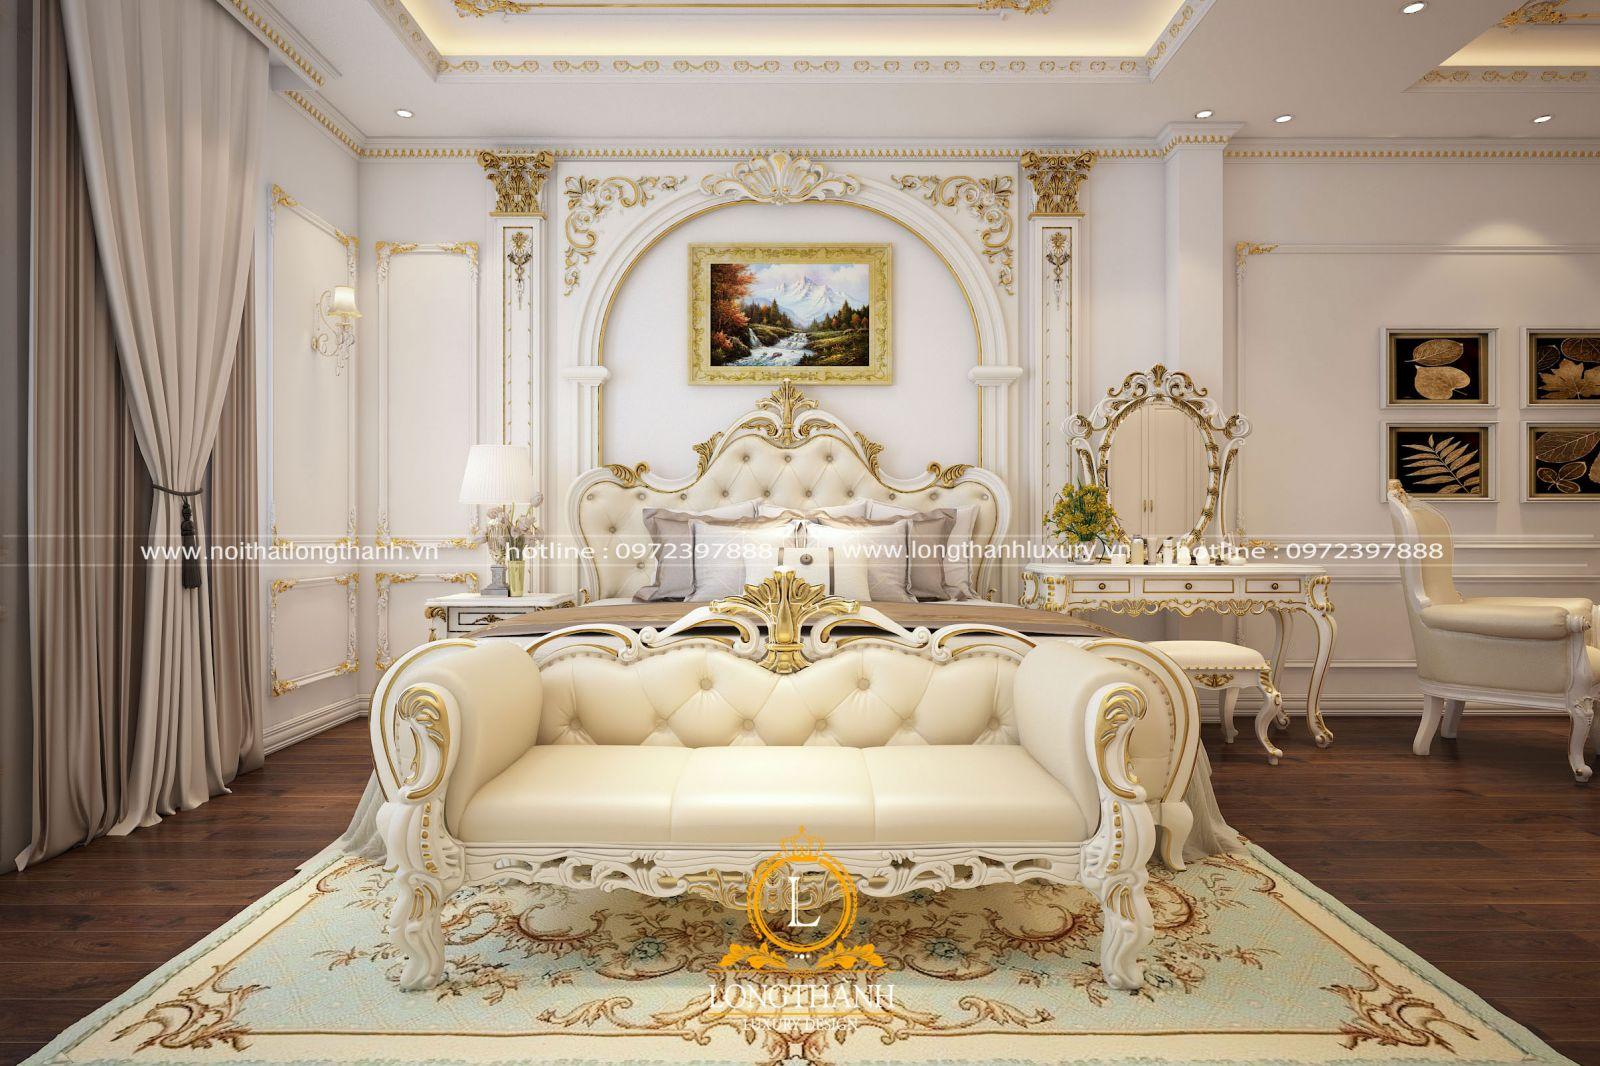 Phòng ngủ phong cách cổ điển thể hiện sự ấm cúng và xa hoa